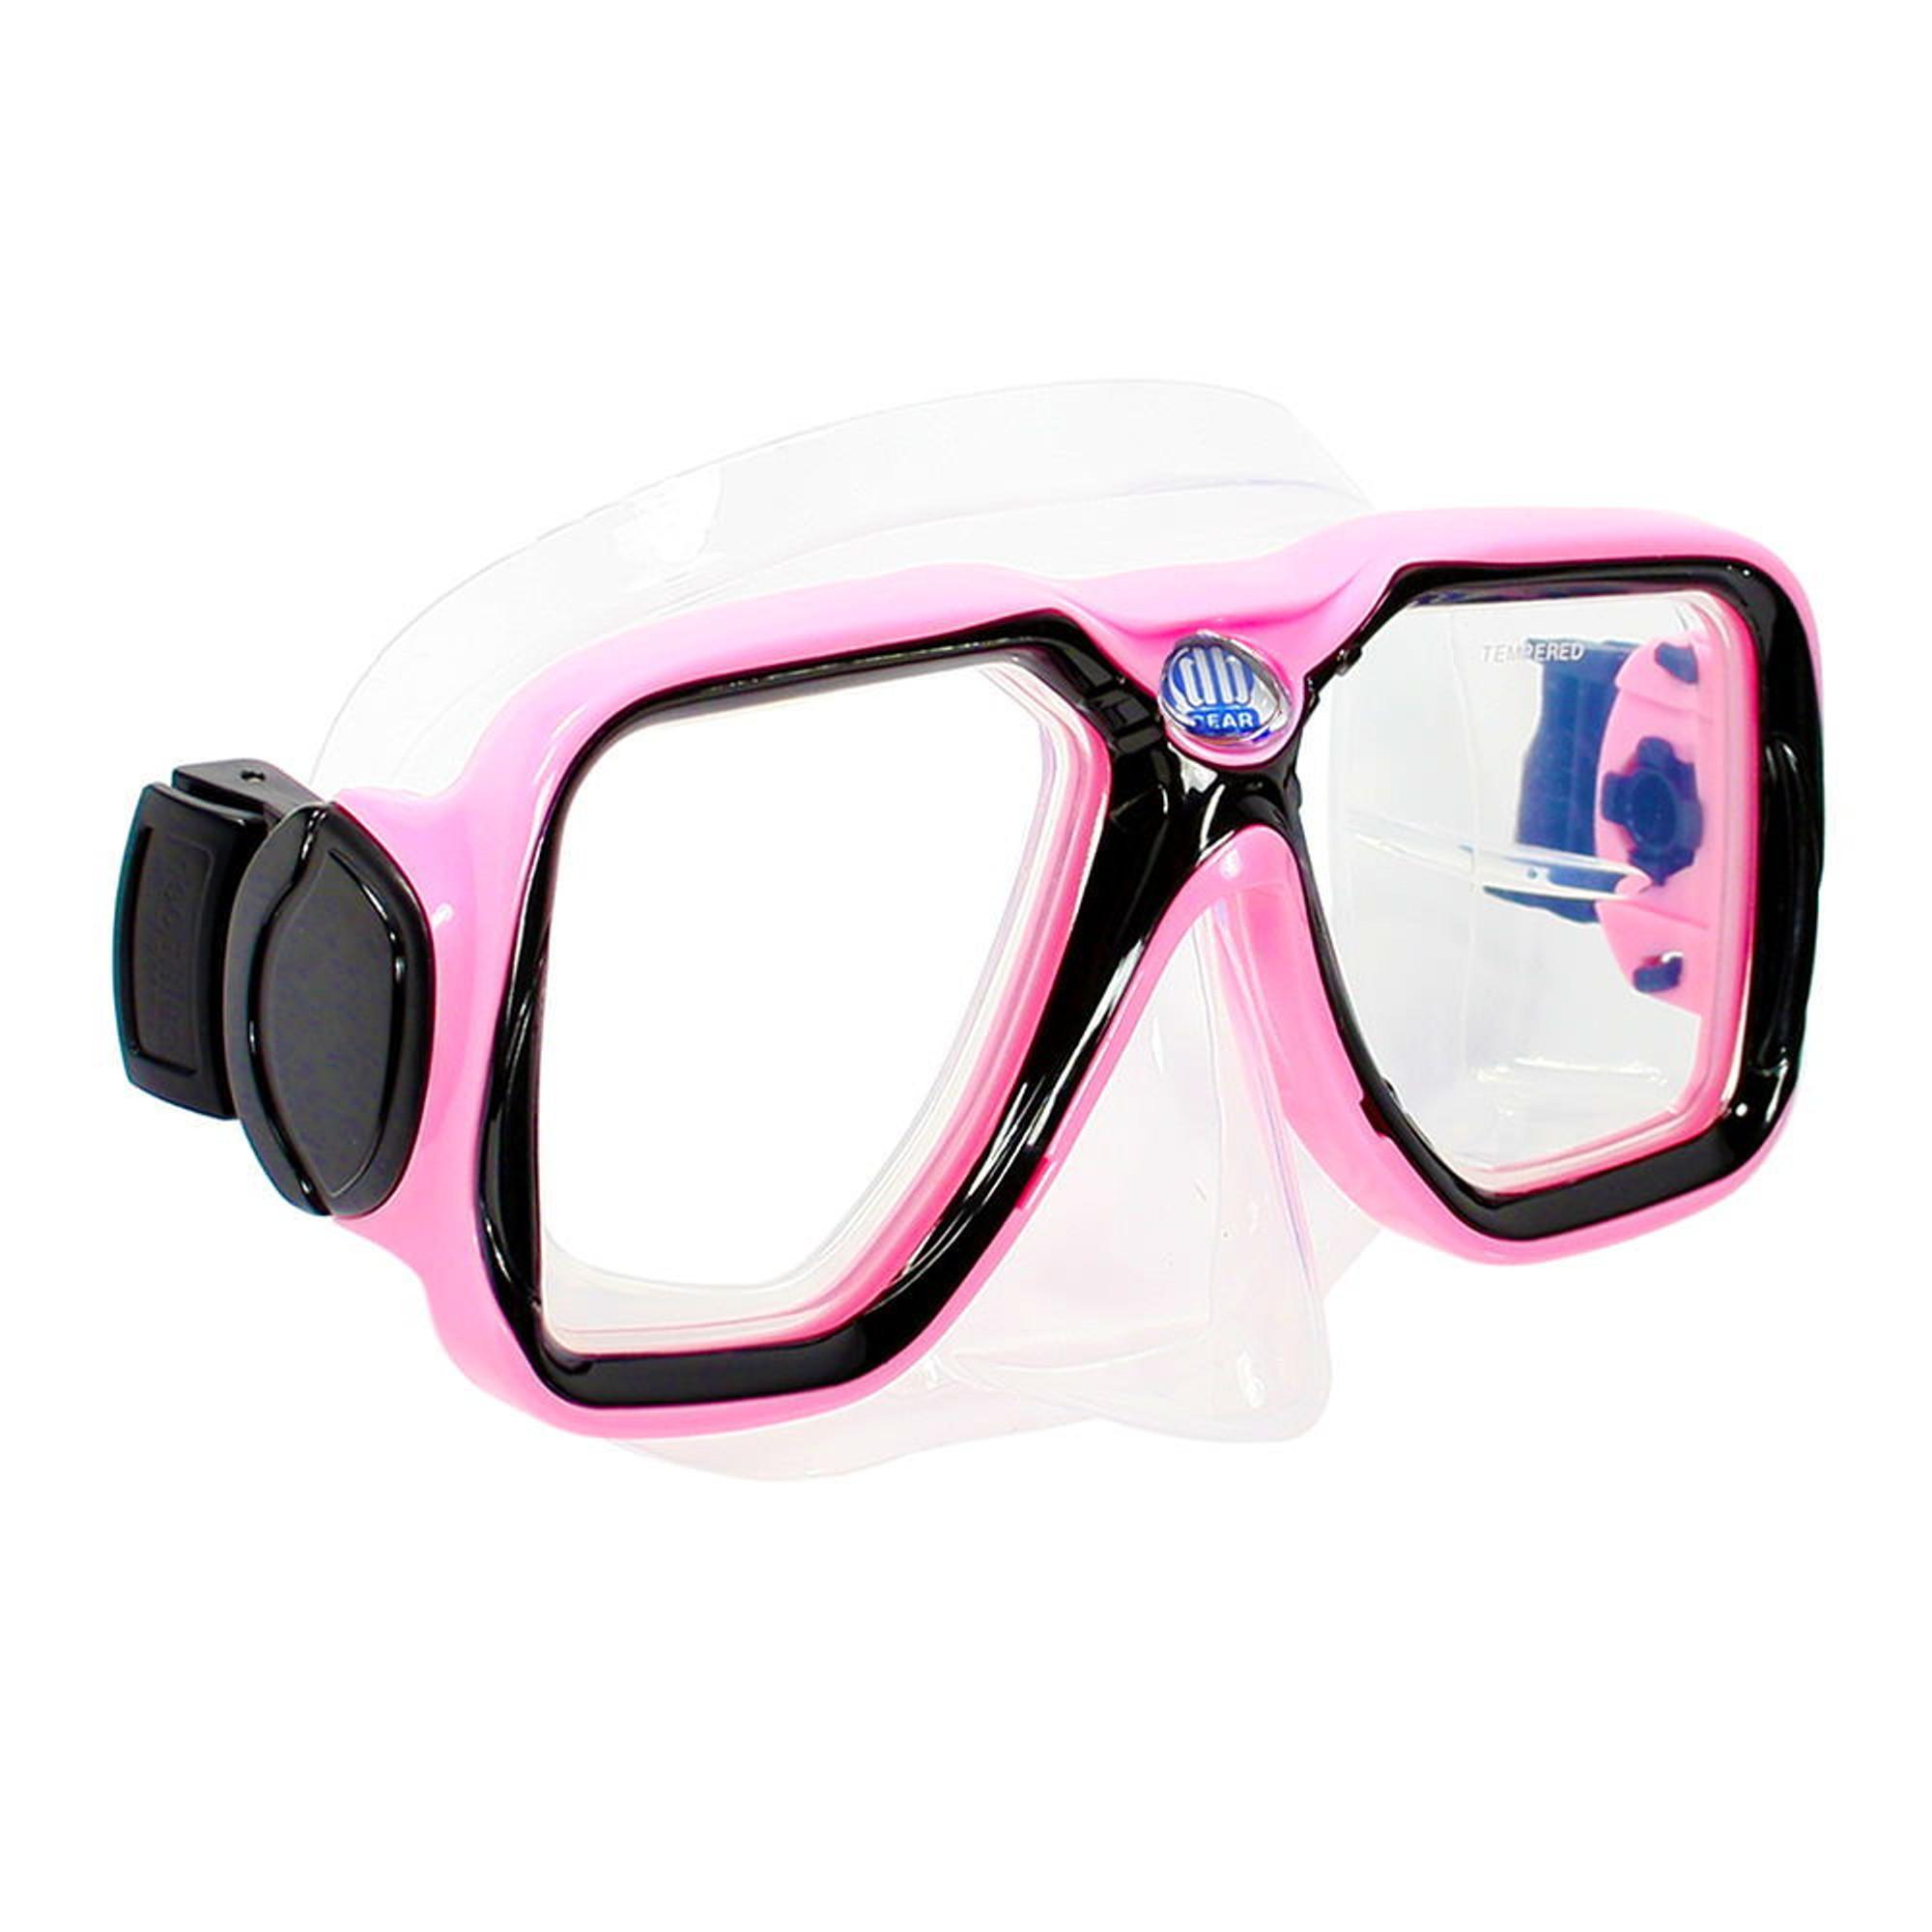 Maui - Executive Bifocal Diving/Snorkeling Mask